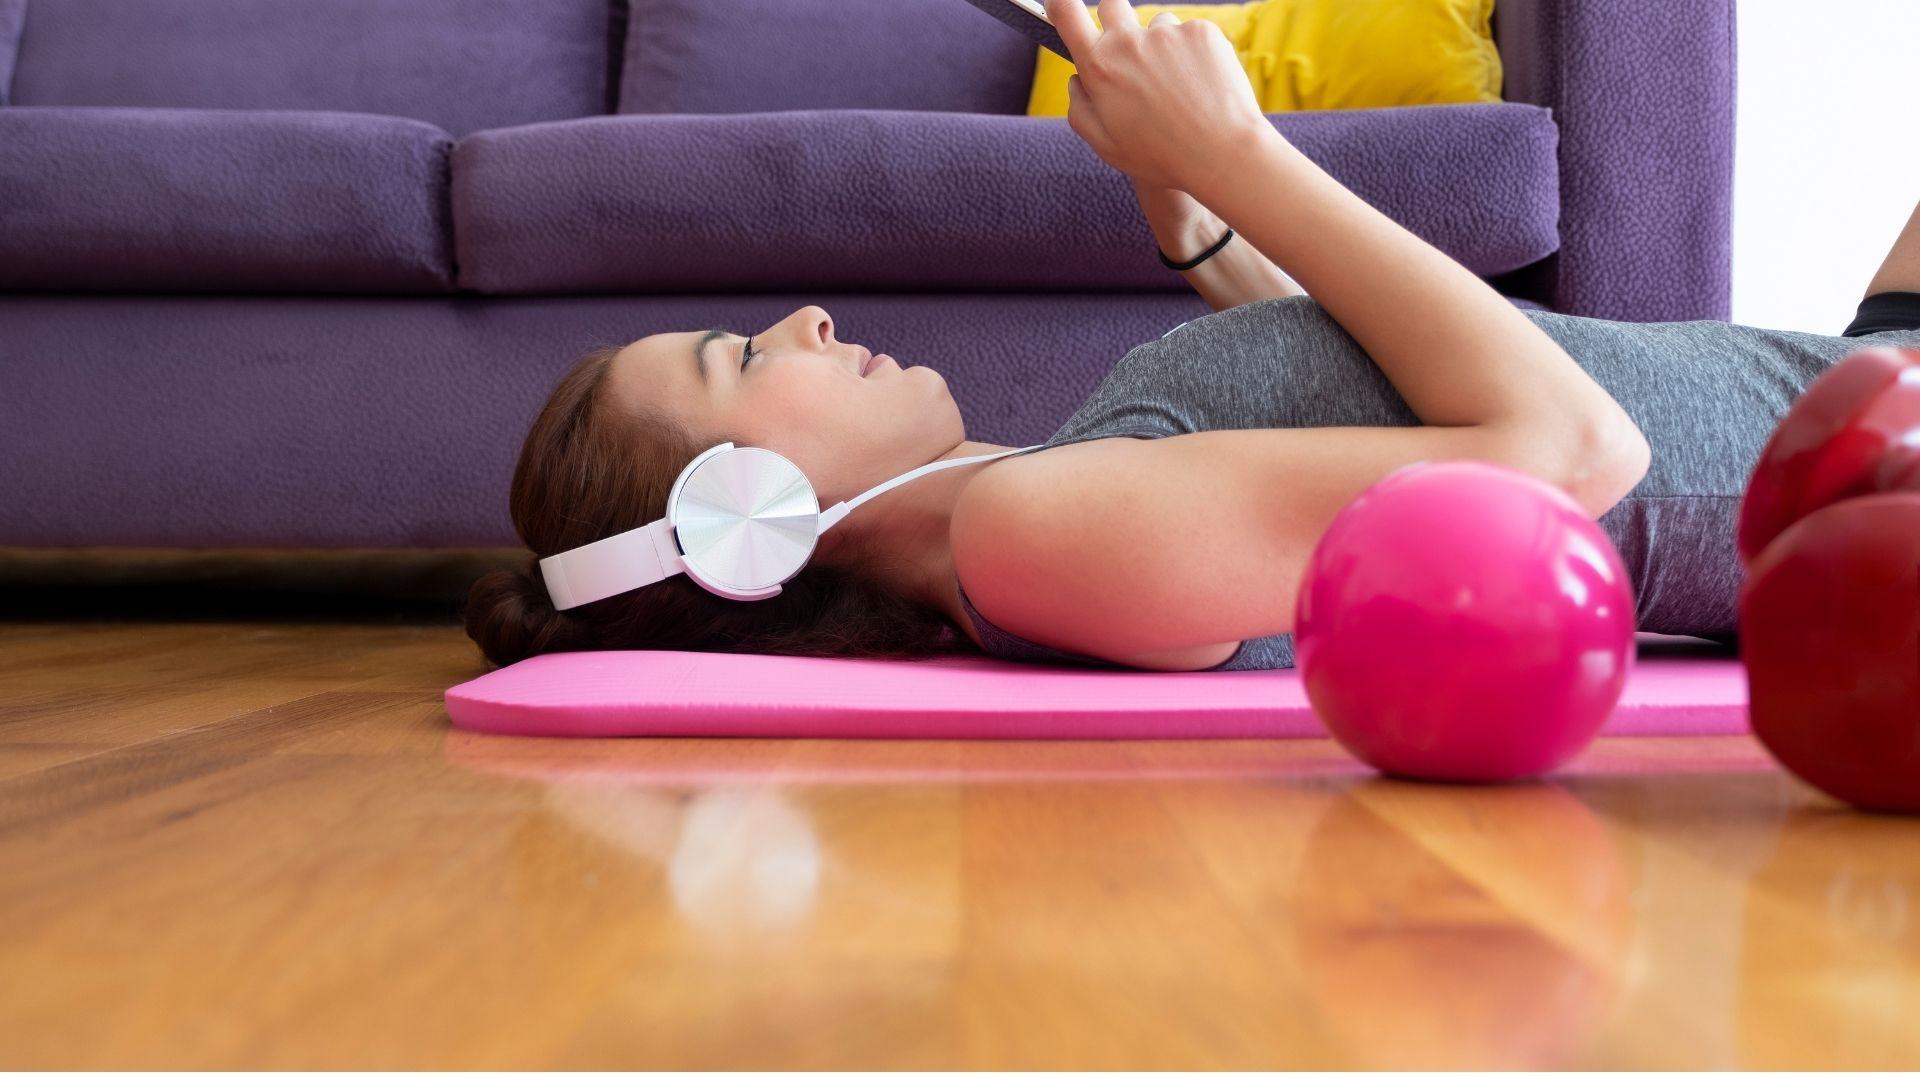 Ilustrasi seorang perempuan sedang beristirahat setelah melakukan olahraga untuk menghindari cedera setelah olahraga. Foto edit by canva